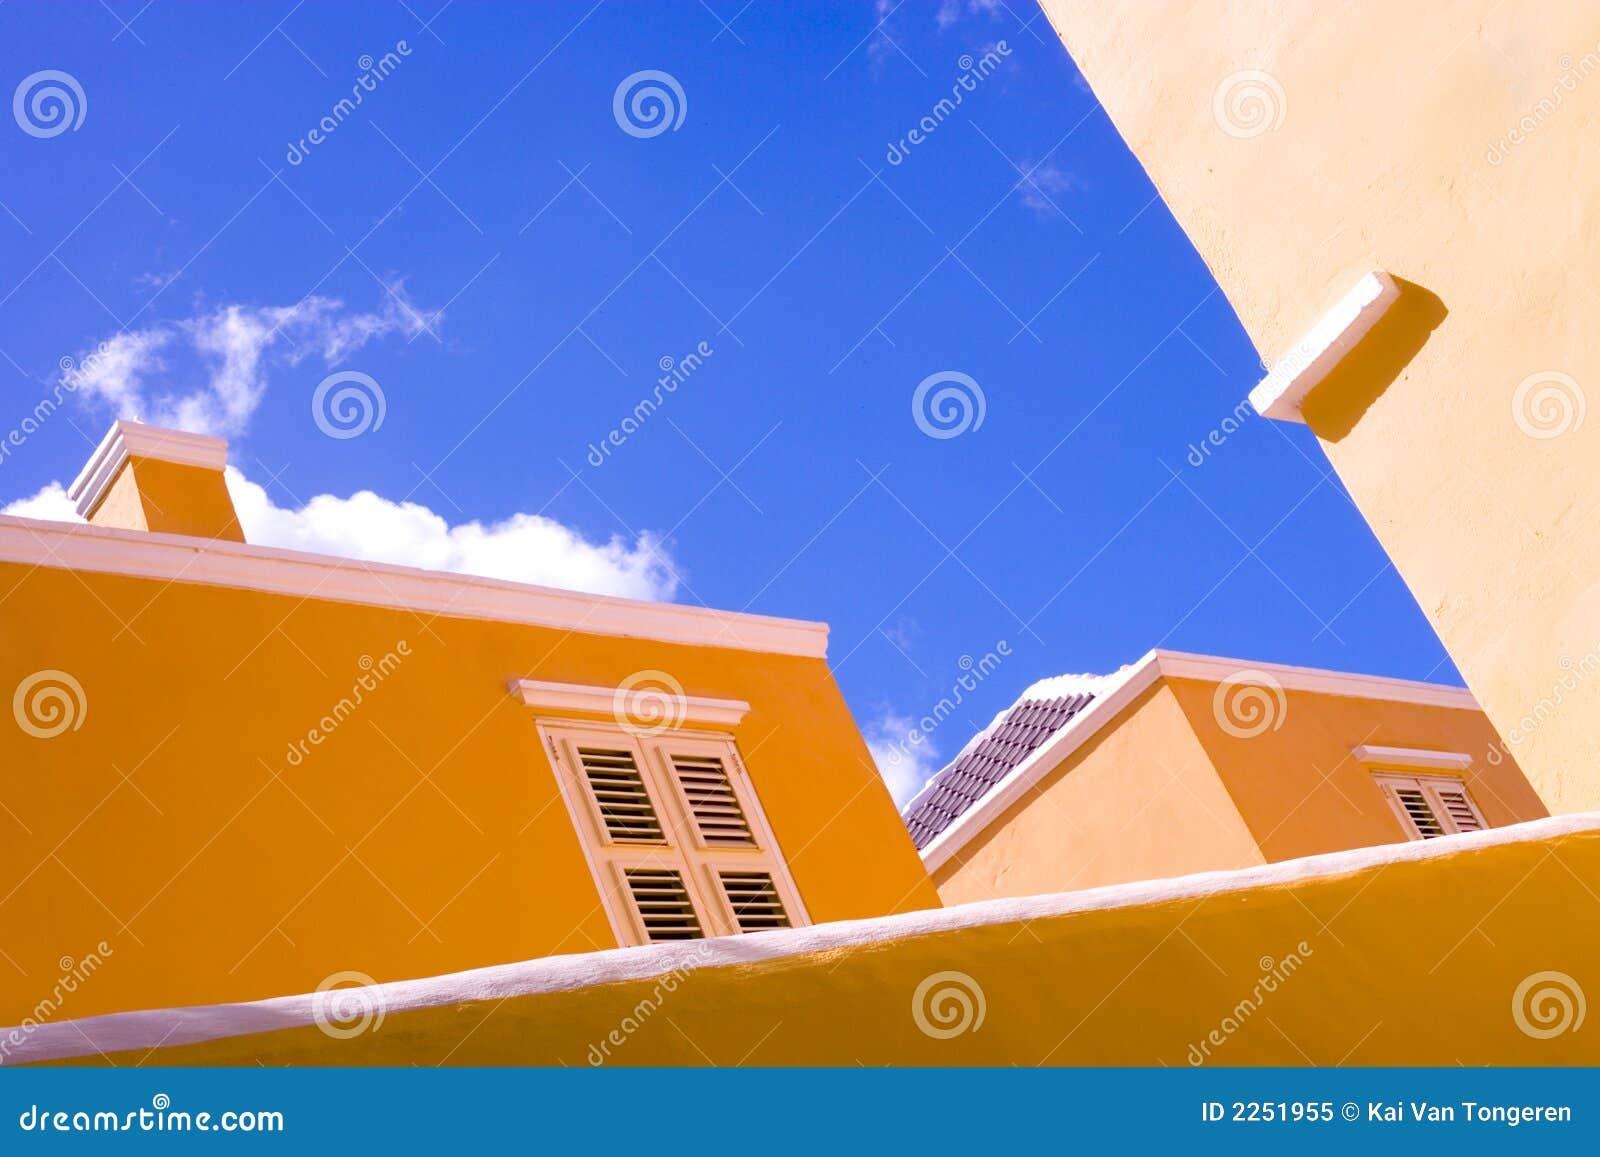 Curacao roof överkanter